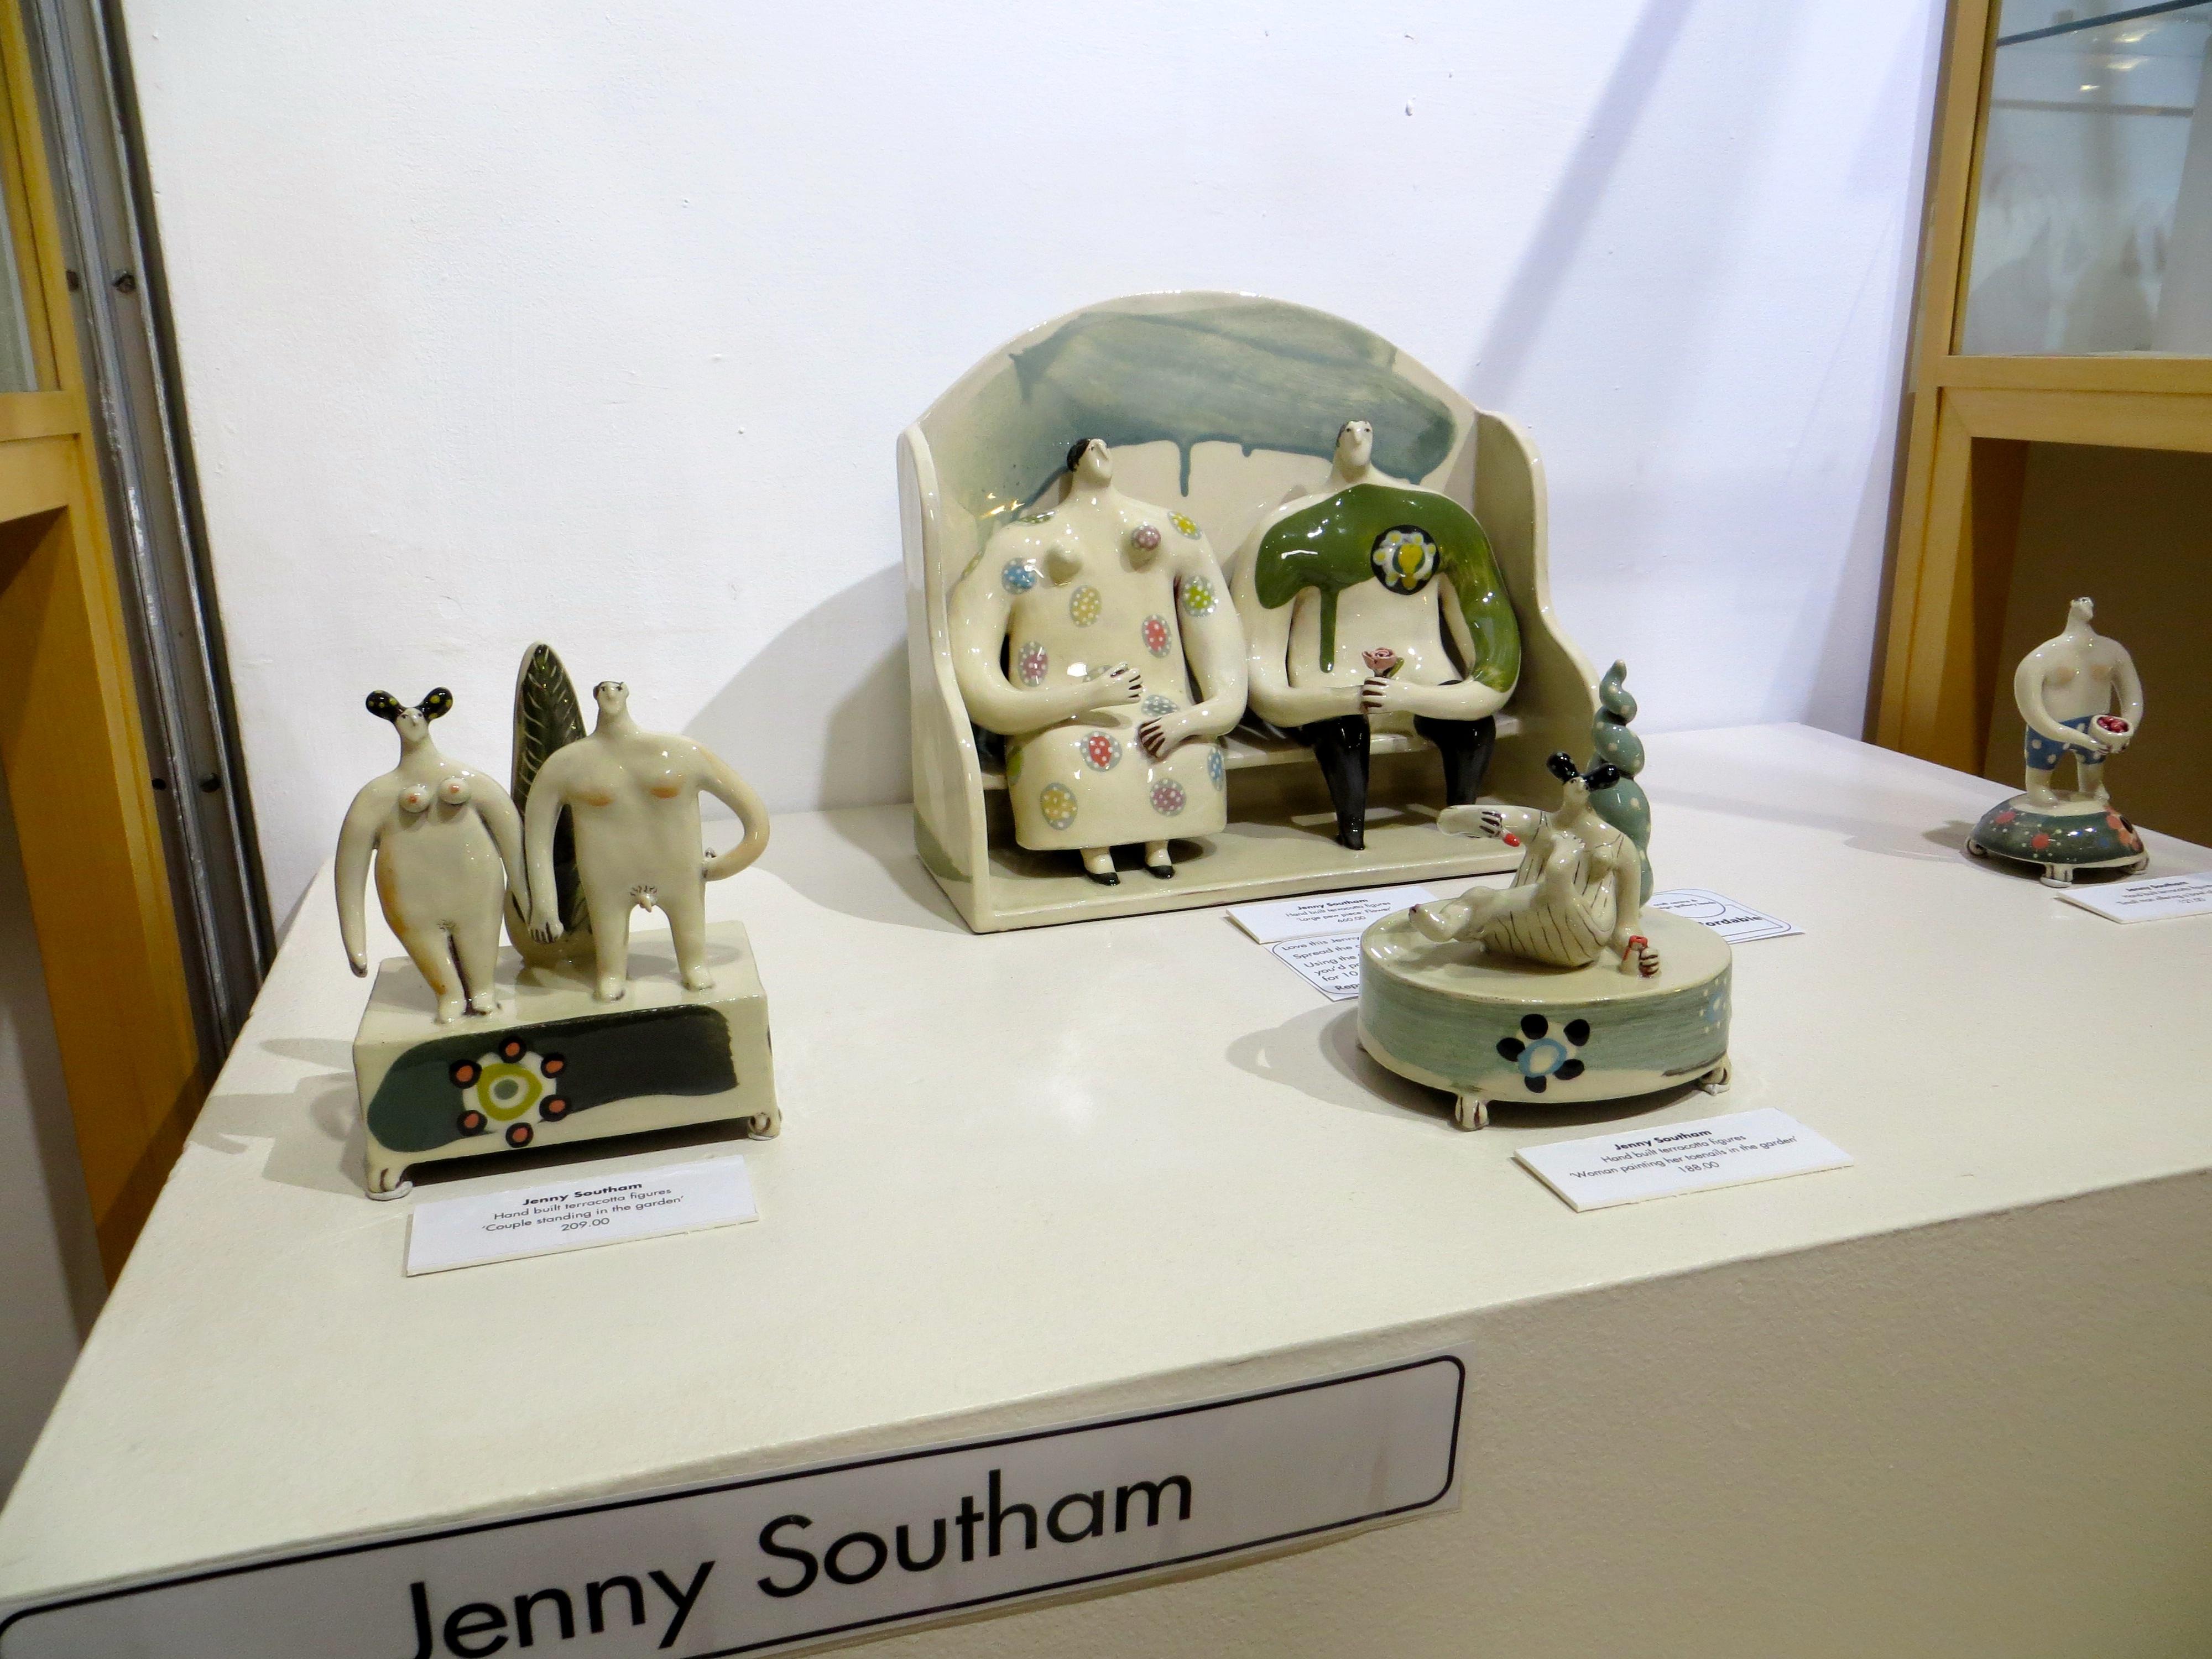 Jenny Southam